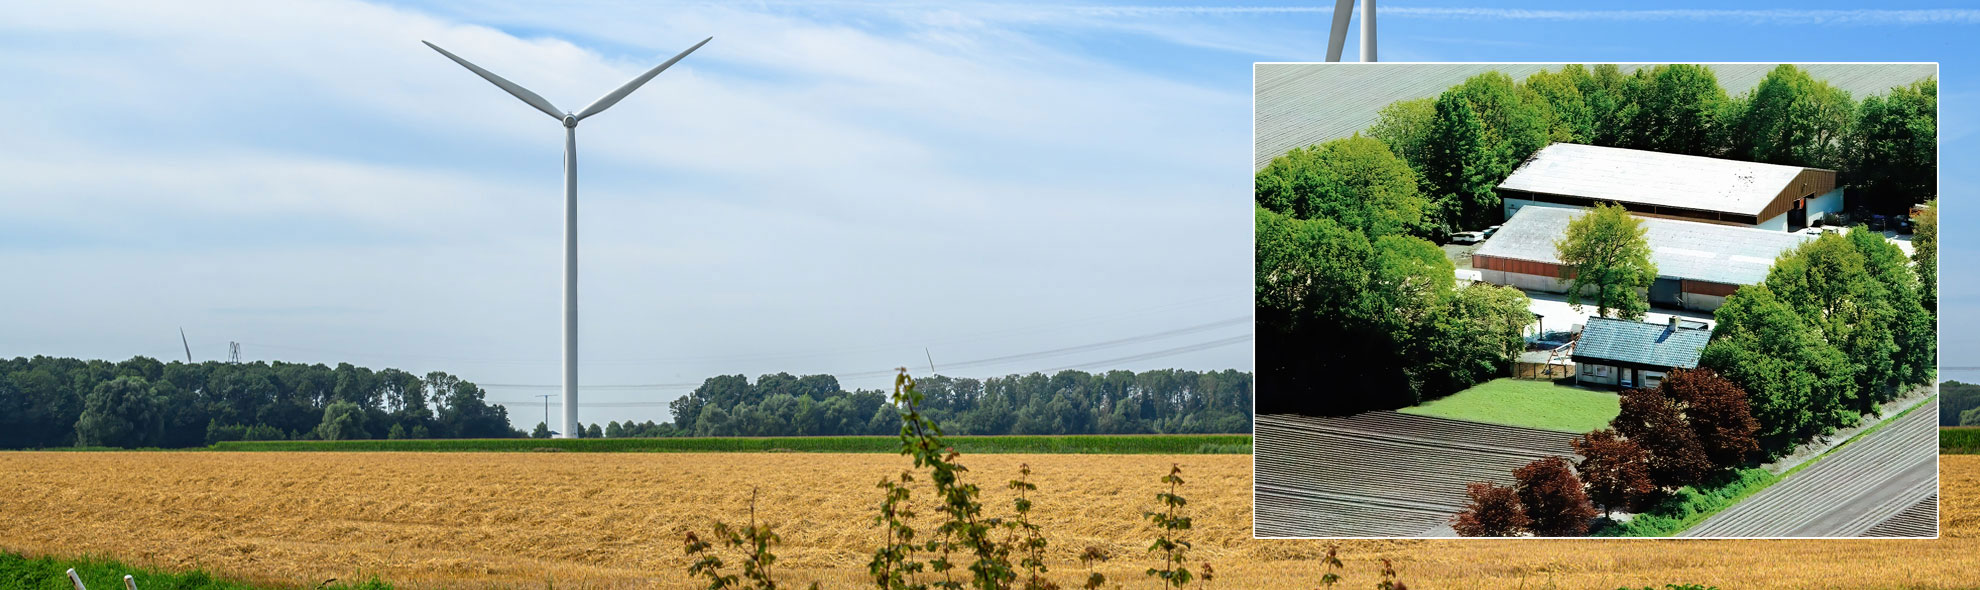 Agrarisch bedrijf T.J. Zomerman, een modern akkerbouwbedrijf in Swifterbant